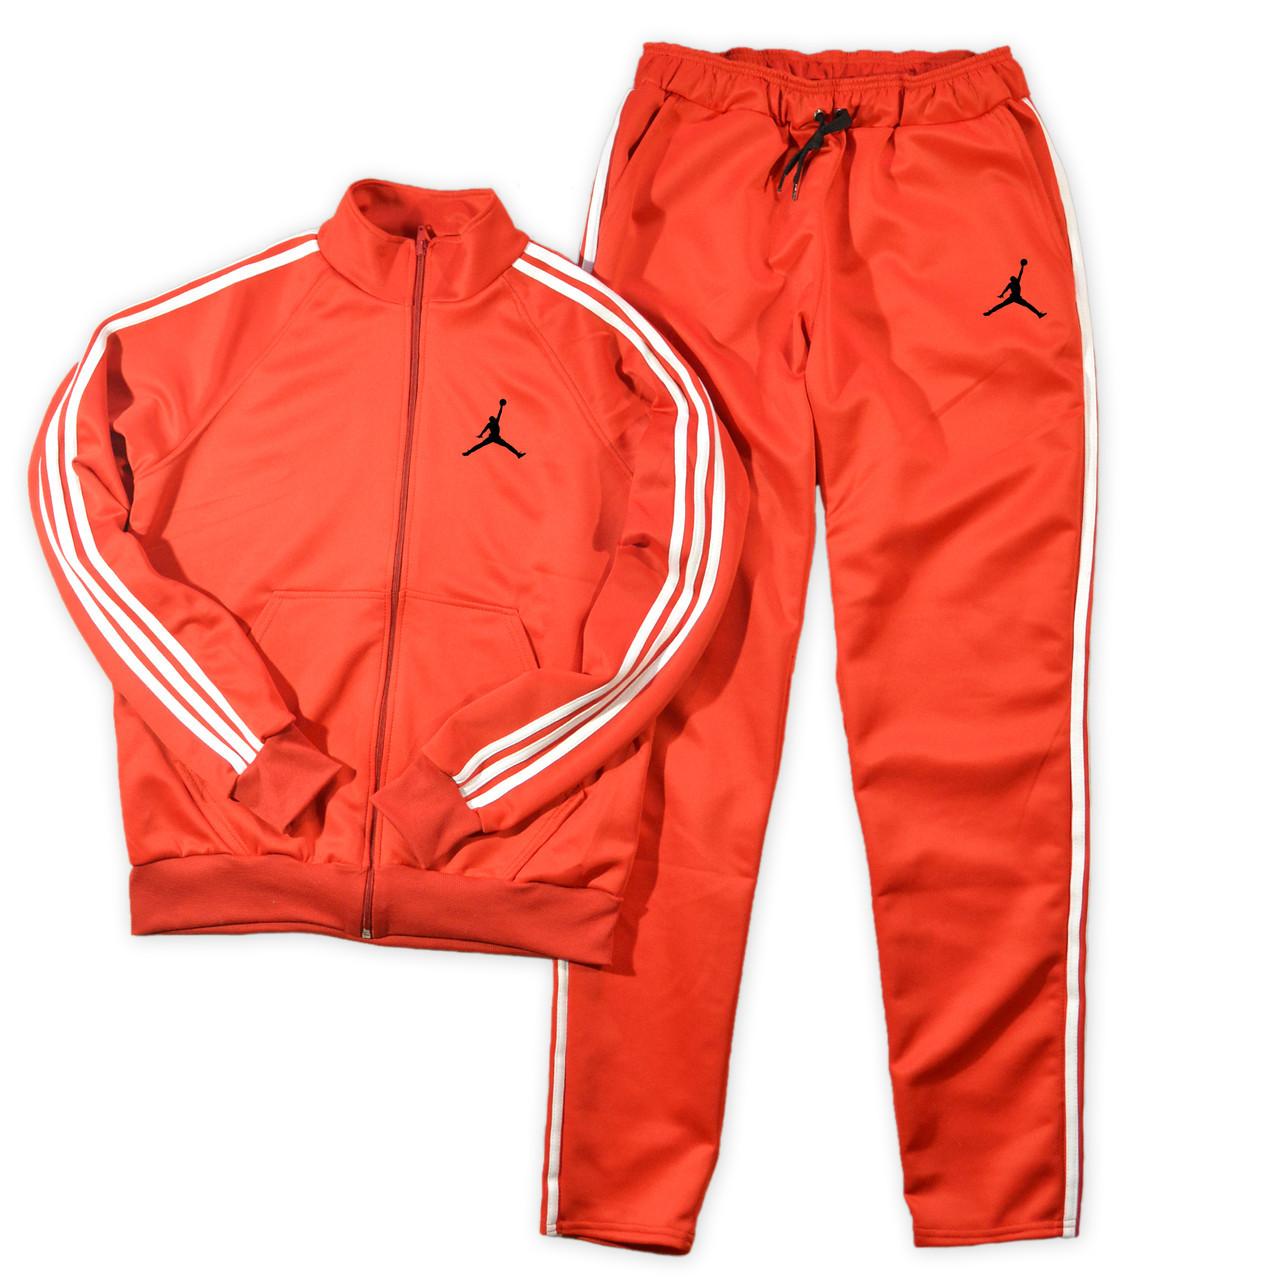 Тренировочный мужской спортивный костюм Jordan (Джордан)